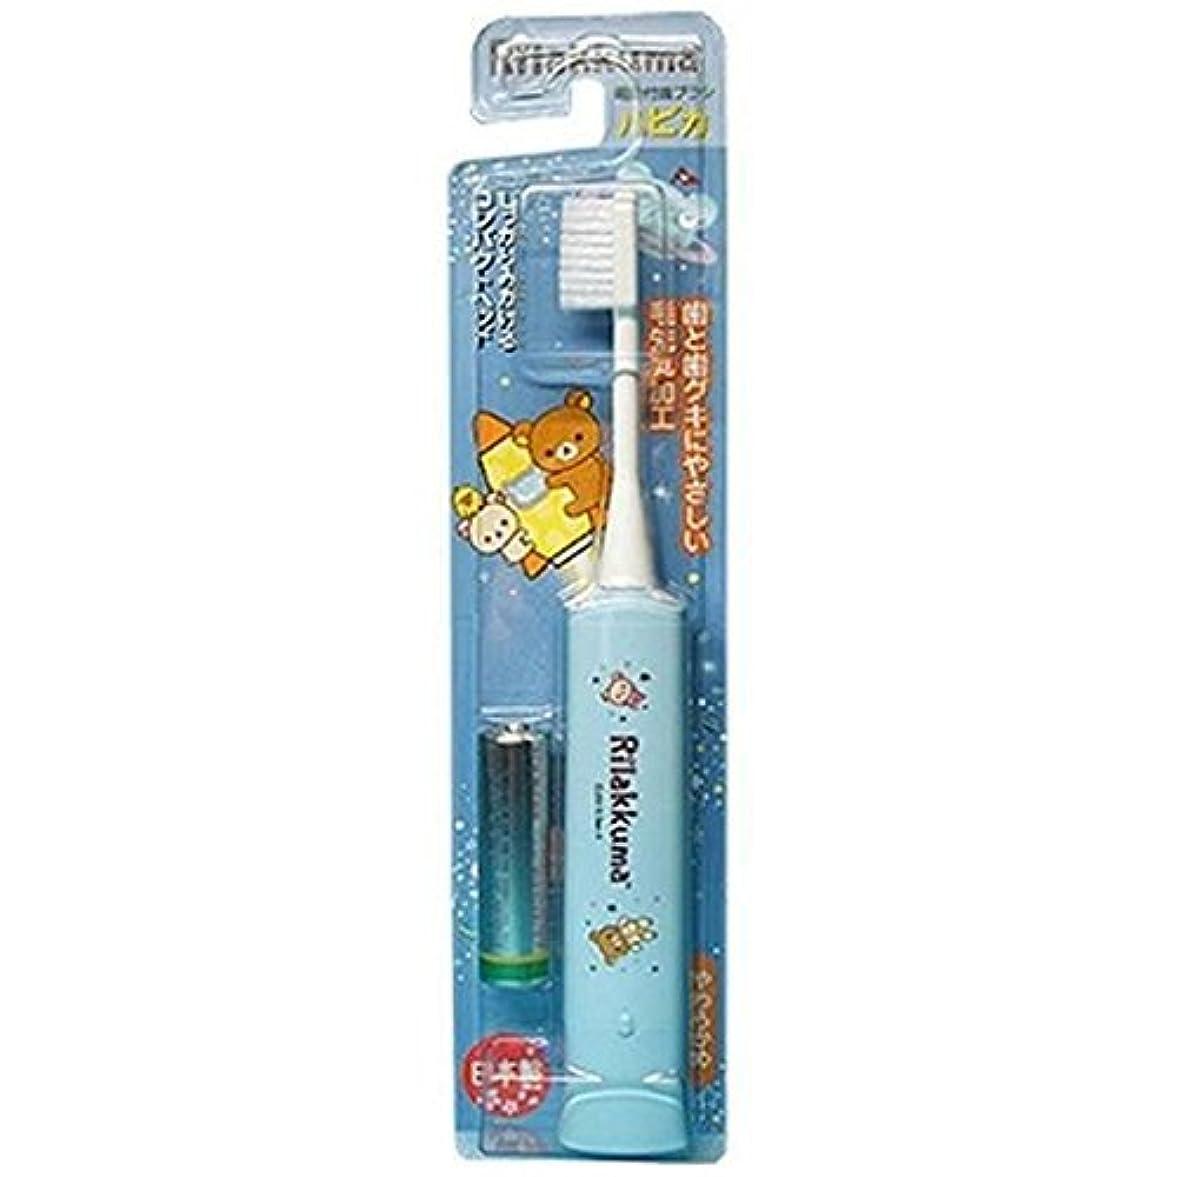 石鹸わずかなまた明日ねミニマム 電動付歯ブラシ リラックマハピカ ブルー 毛の硬さ:やわらかめ DBM-5B(RK)